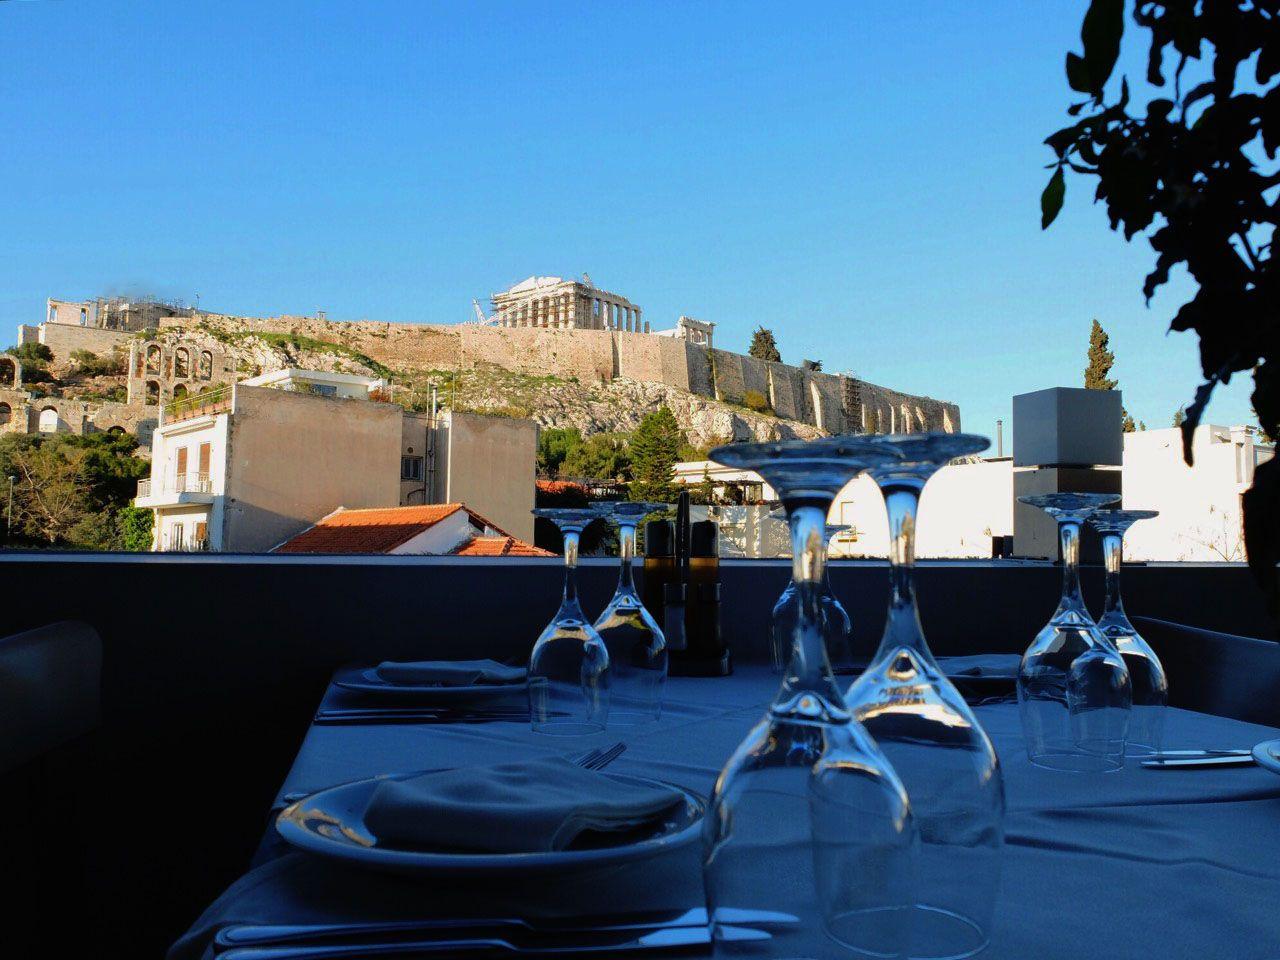 1.パルテノン神殿ビューのレストラン(アテネ)